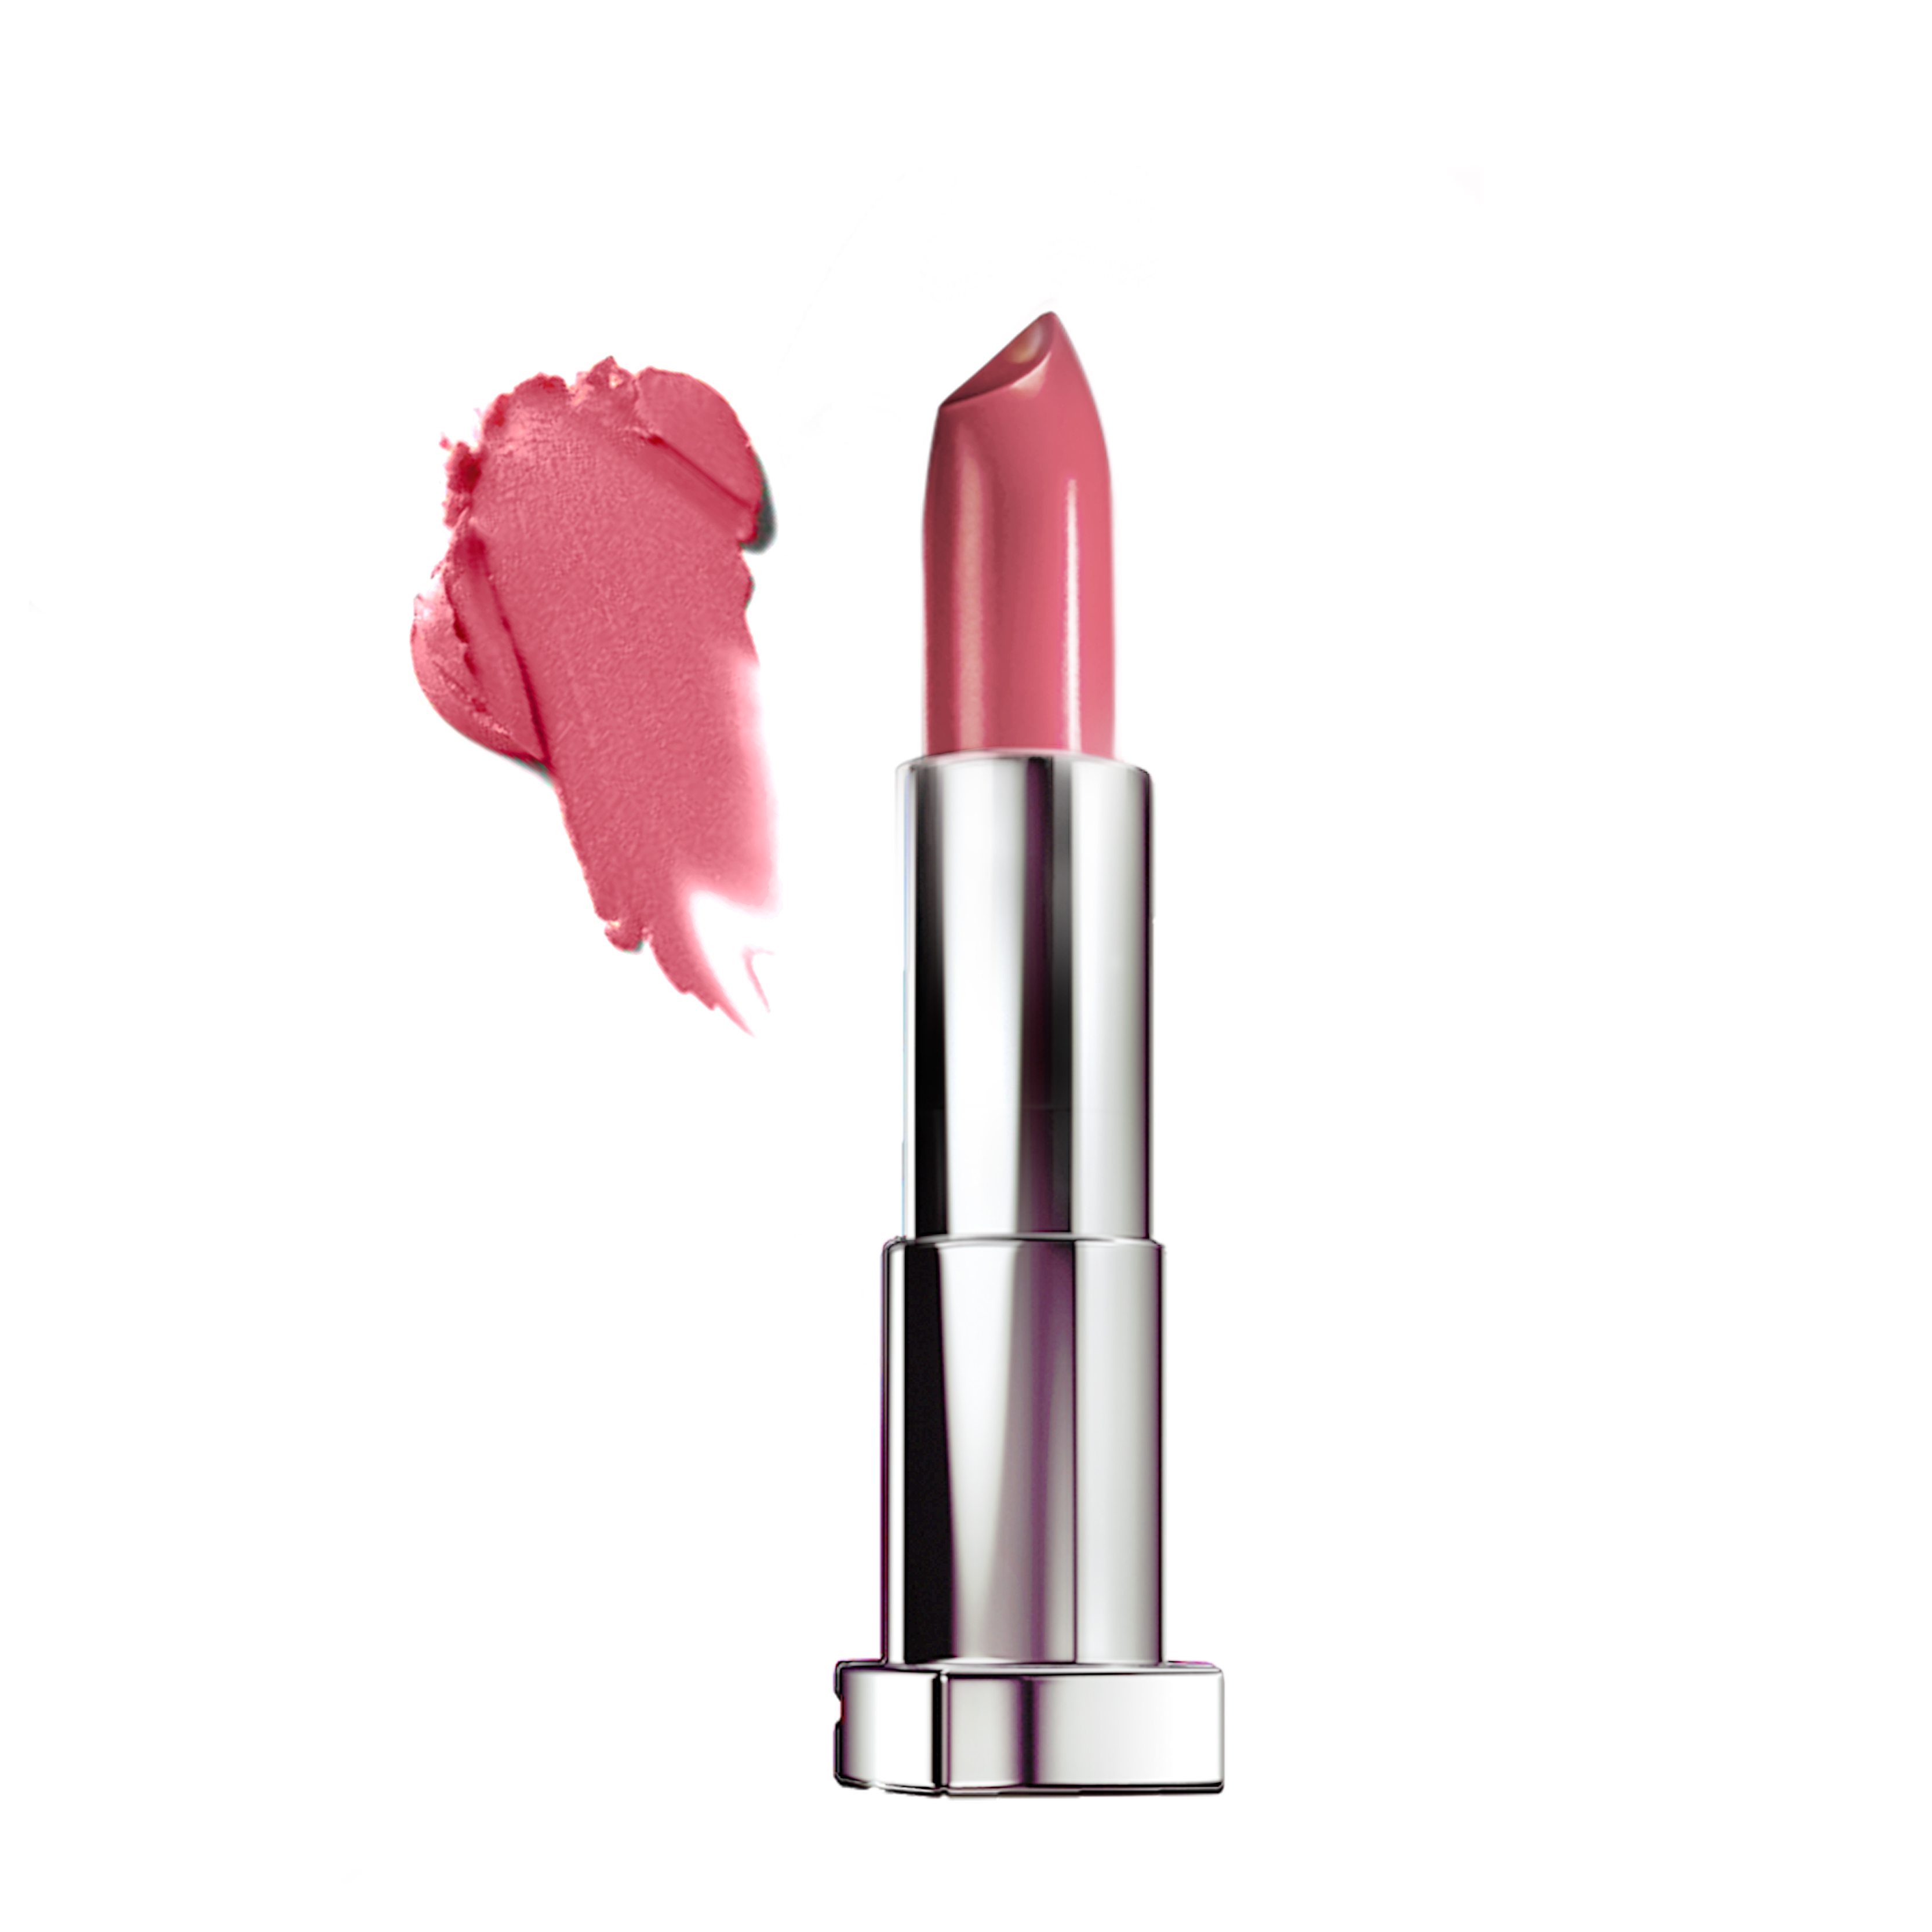 رژ لب میبلین مدل Color Sensational شماره 165- صورتی پررنگ